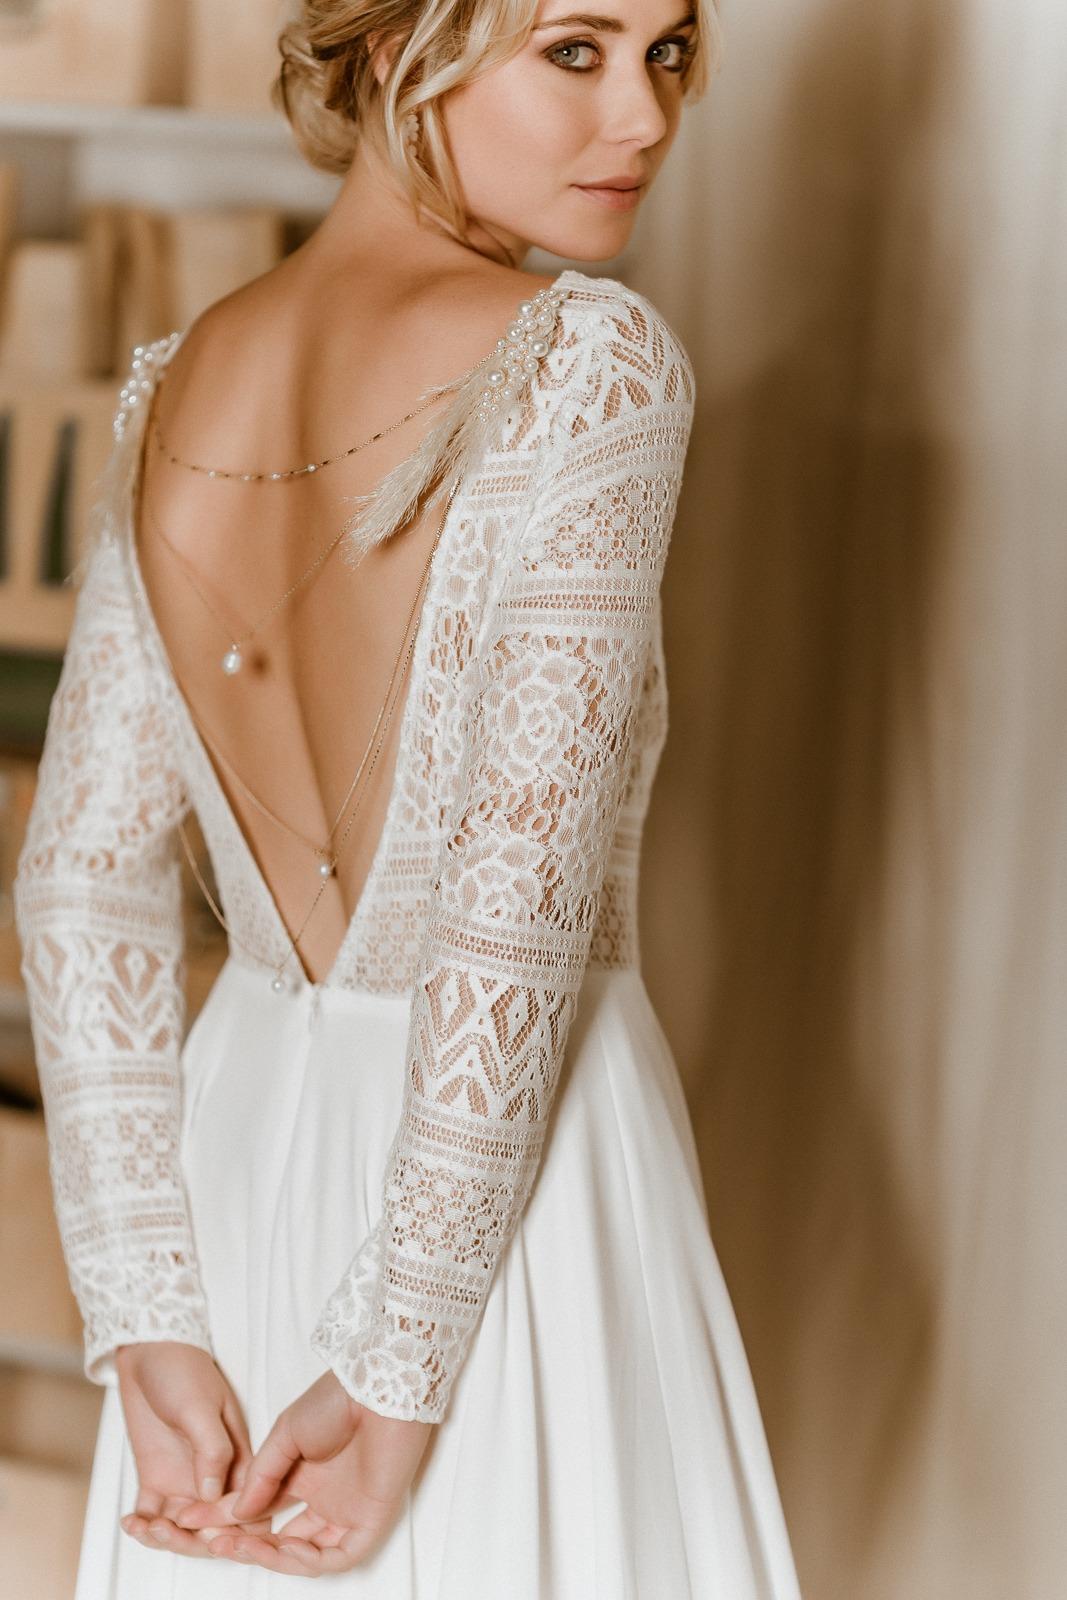 noni Jubiläumskollektion | Rückenfreies Midi-Brautkleid aus Boho-Spitze und Crêpe in Ivory, Rückenansicht (Foto: Le Hai Linh)